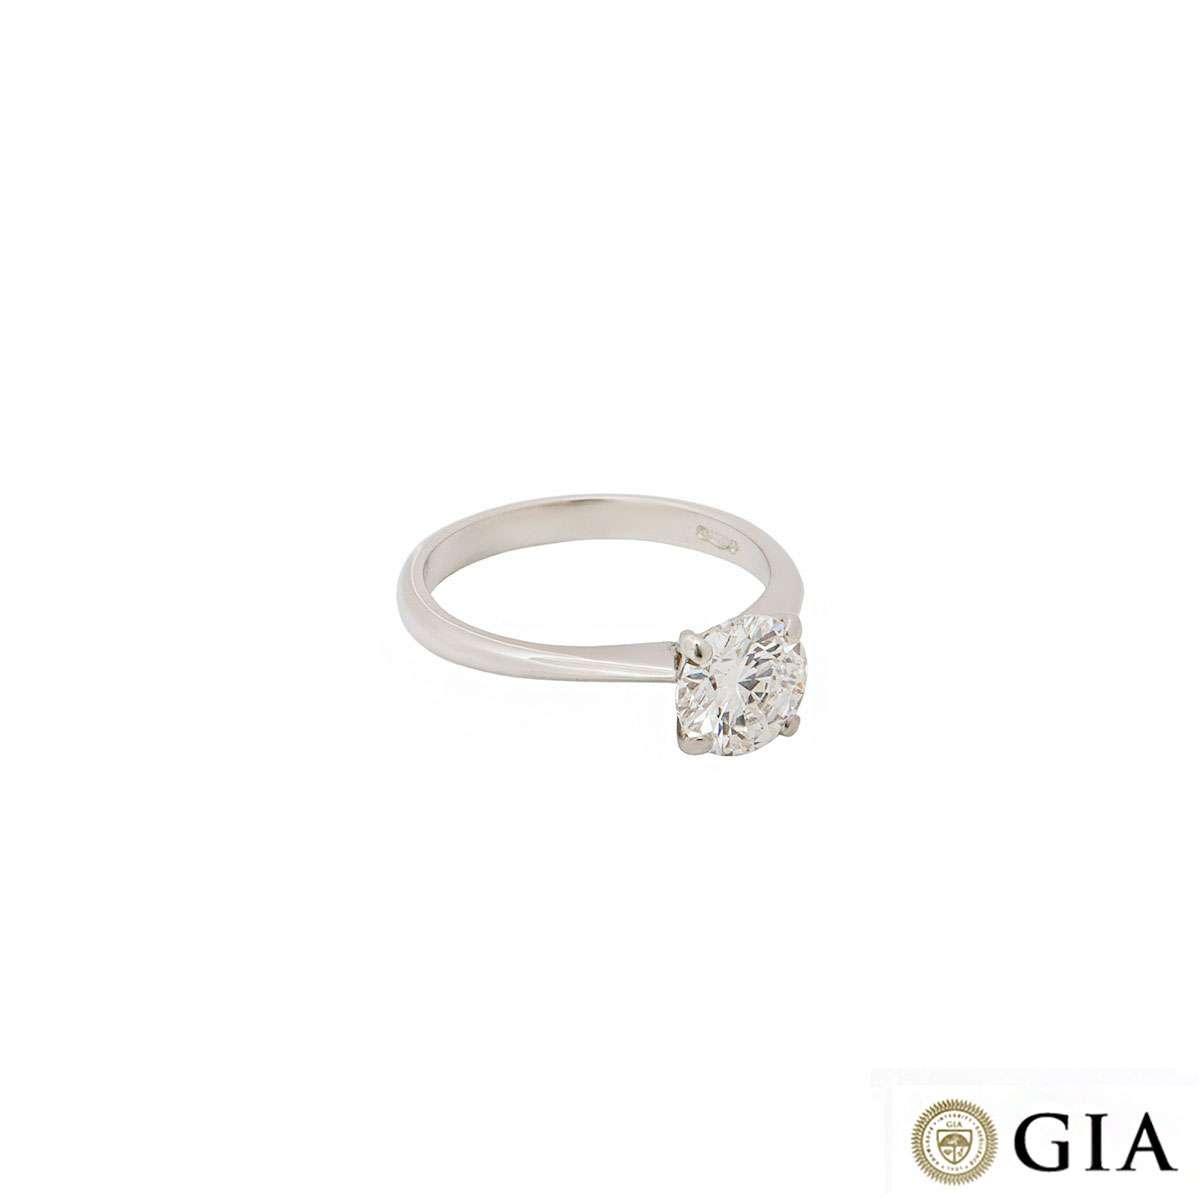 Platinum Round Brilliant Cut Diamond Ring 1.23ct F/SI1